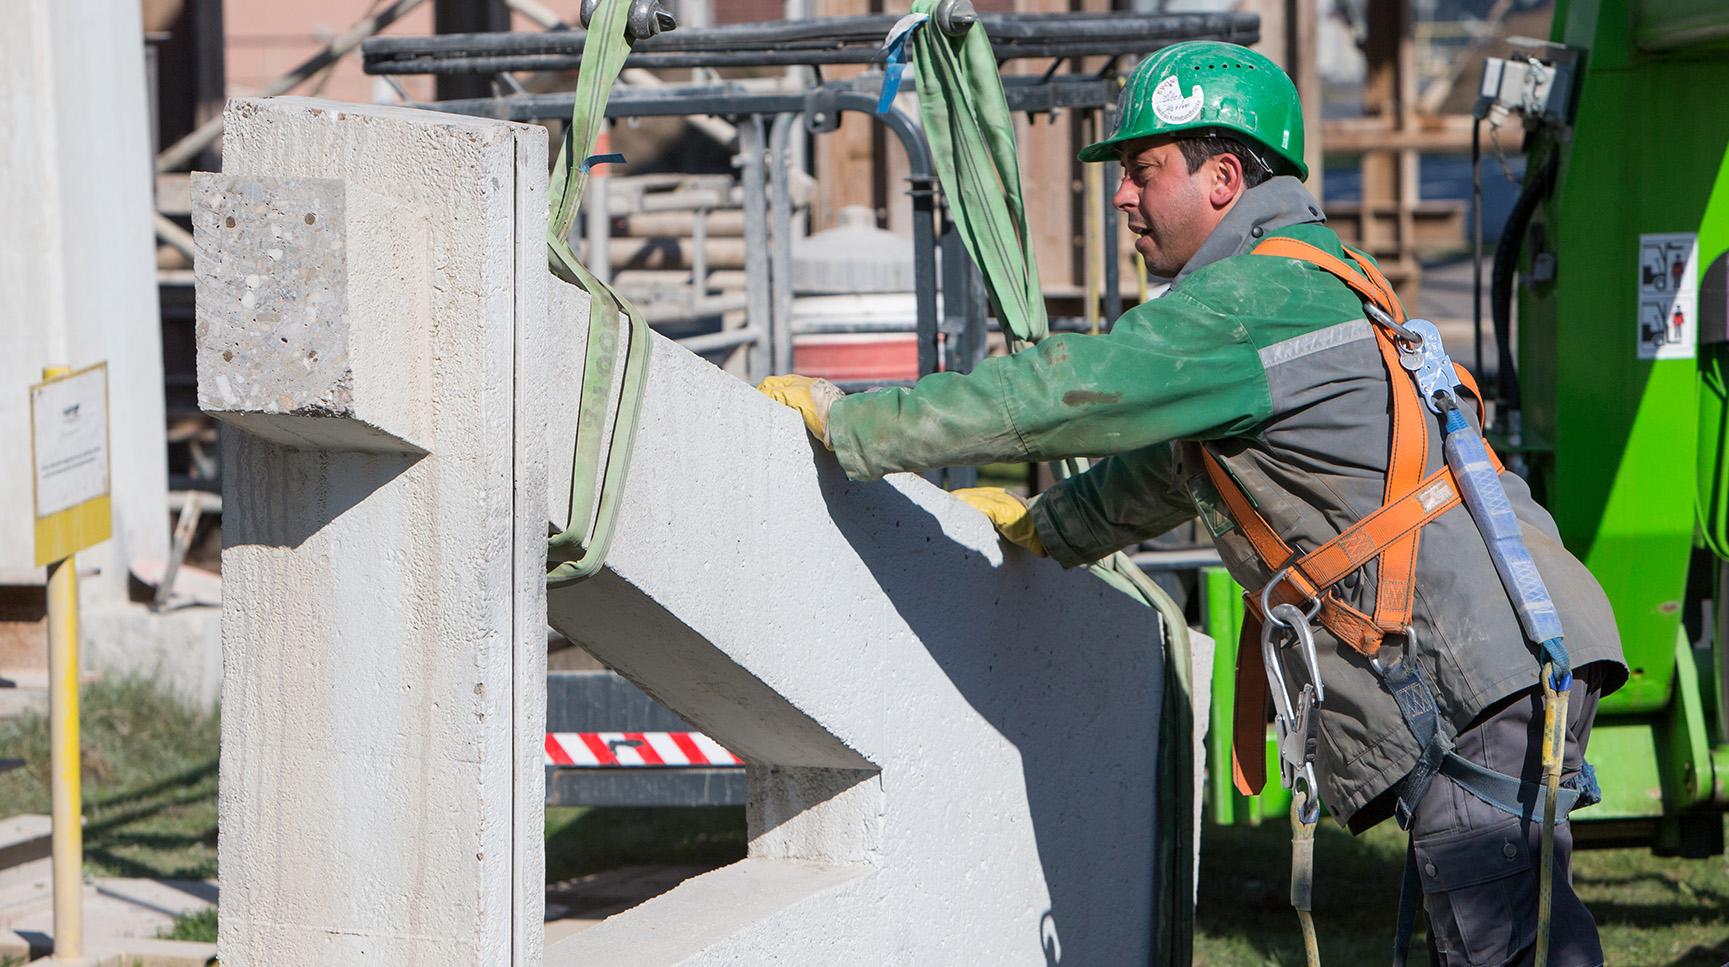 Teilrückbau Rohrbrücke: Ein geschnittenes Bauteil wird gesichert und verladen